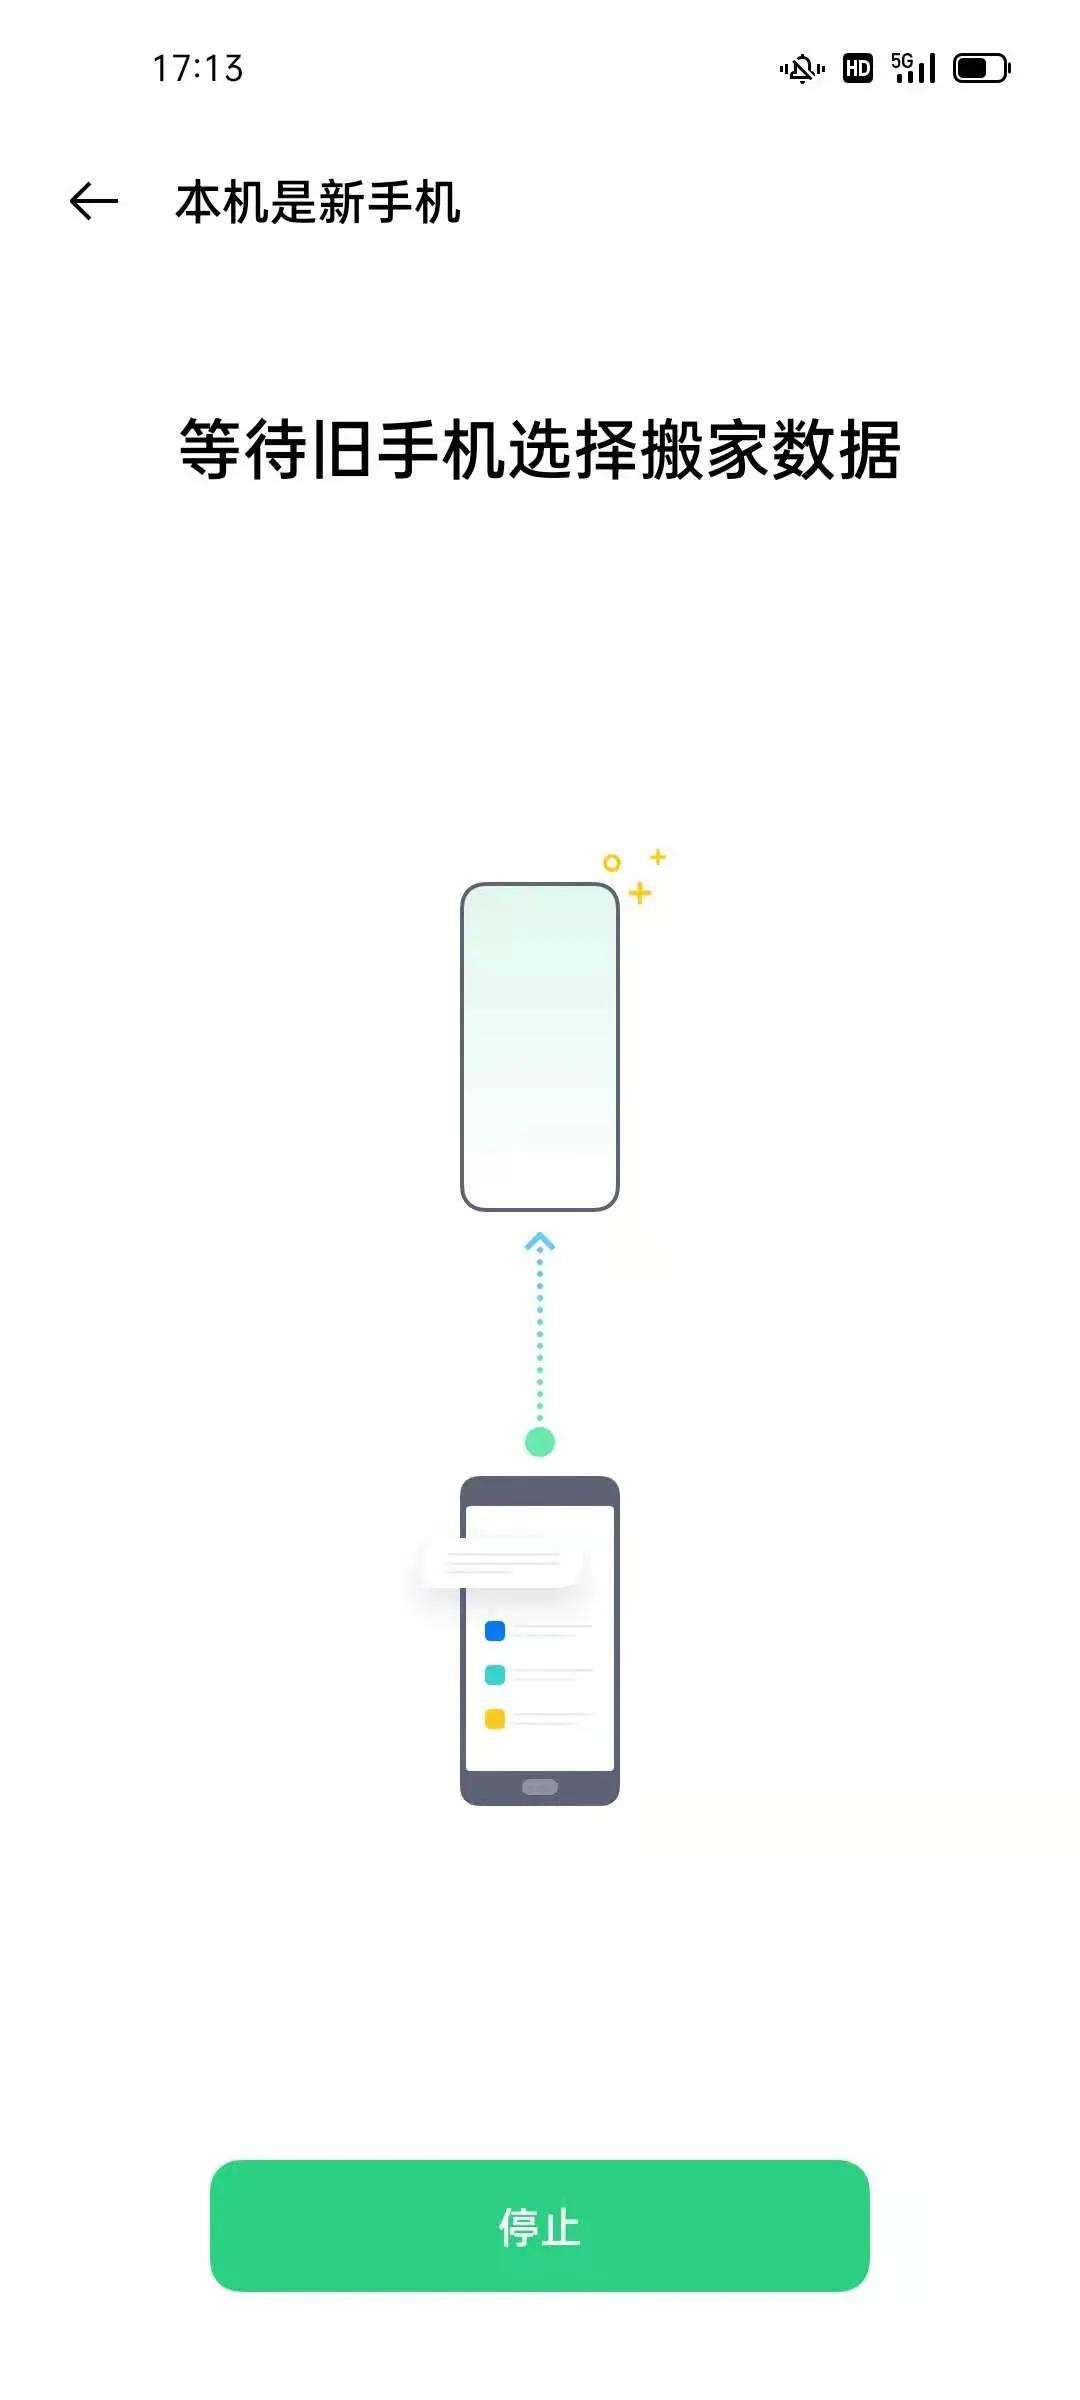 oppo手机搬家在哪里找(两部oppo手机互相搬家)